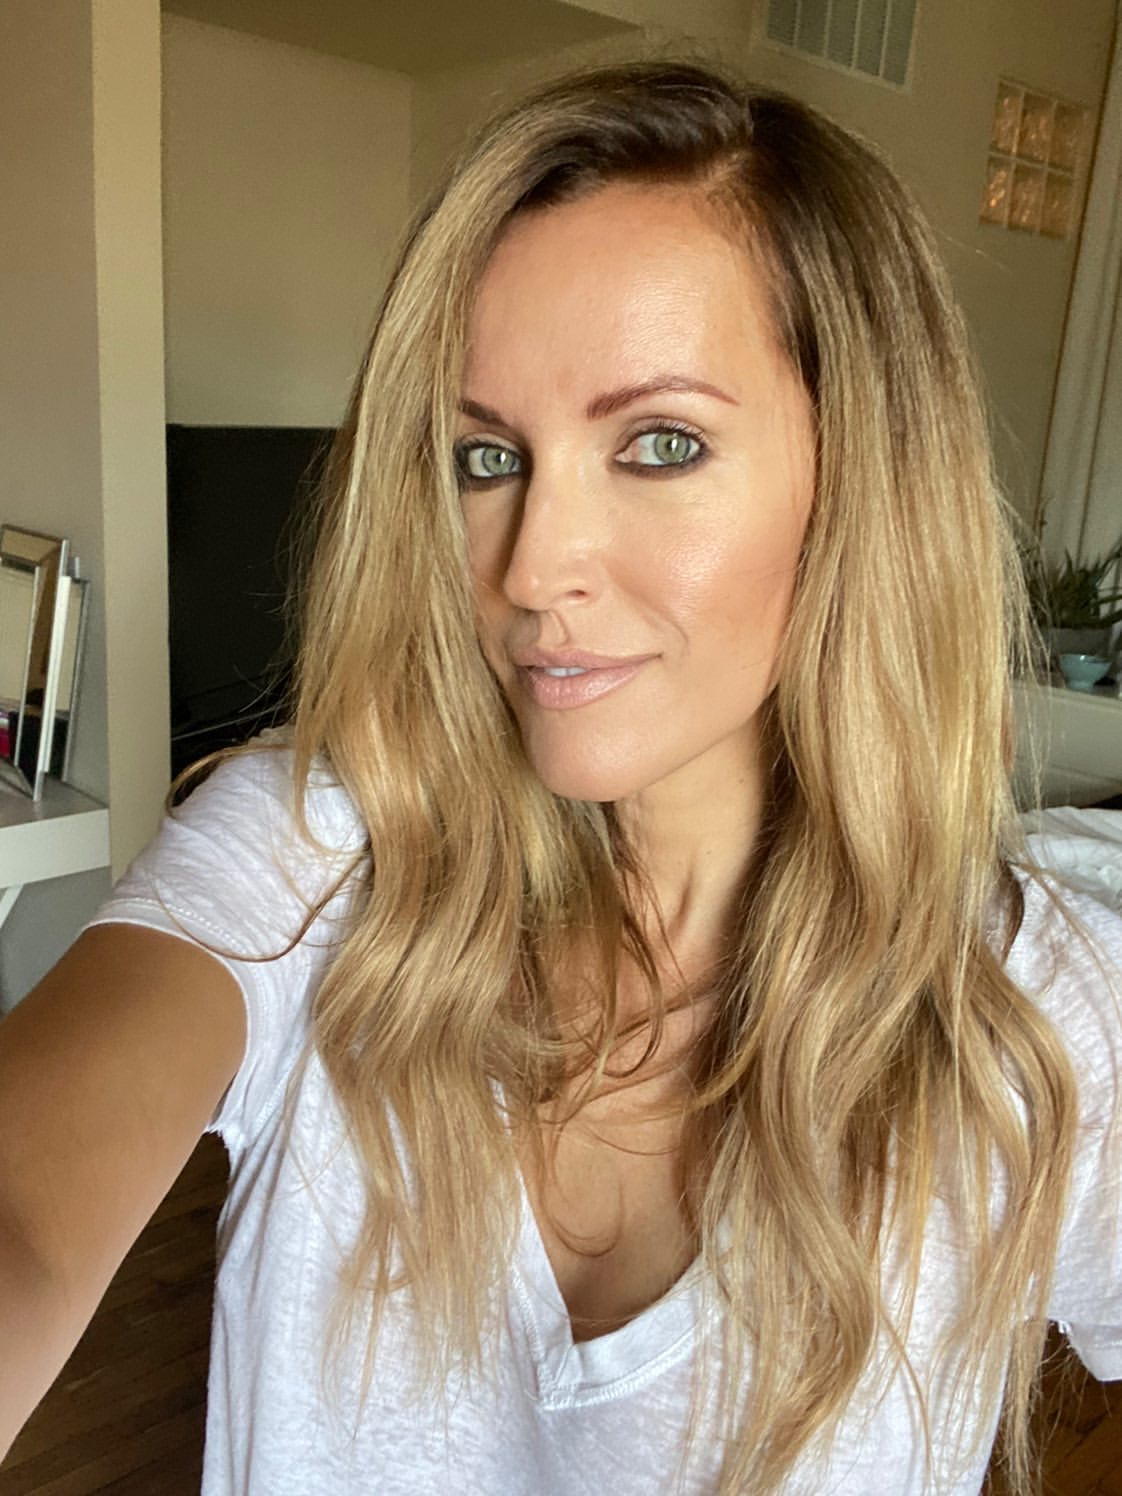 Hair topper for thin hair hair loss women Remy Human hair